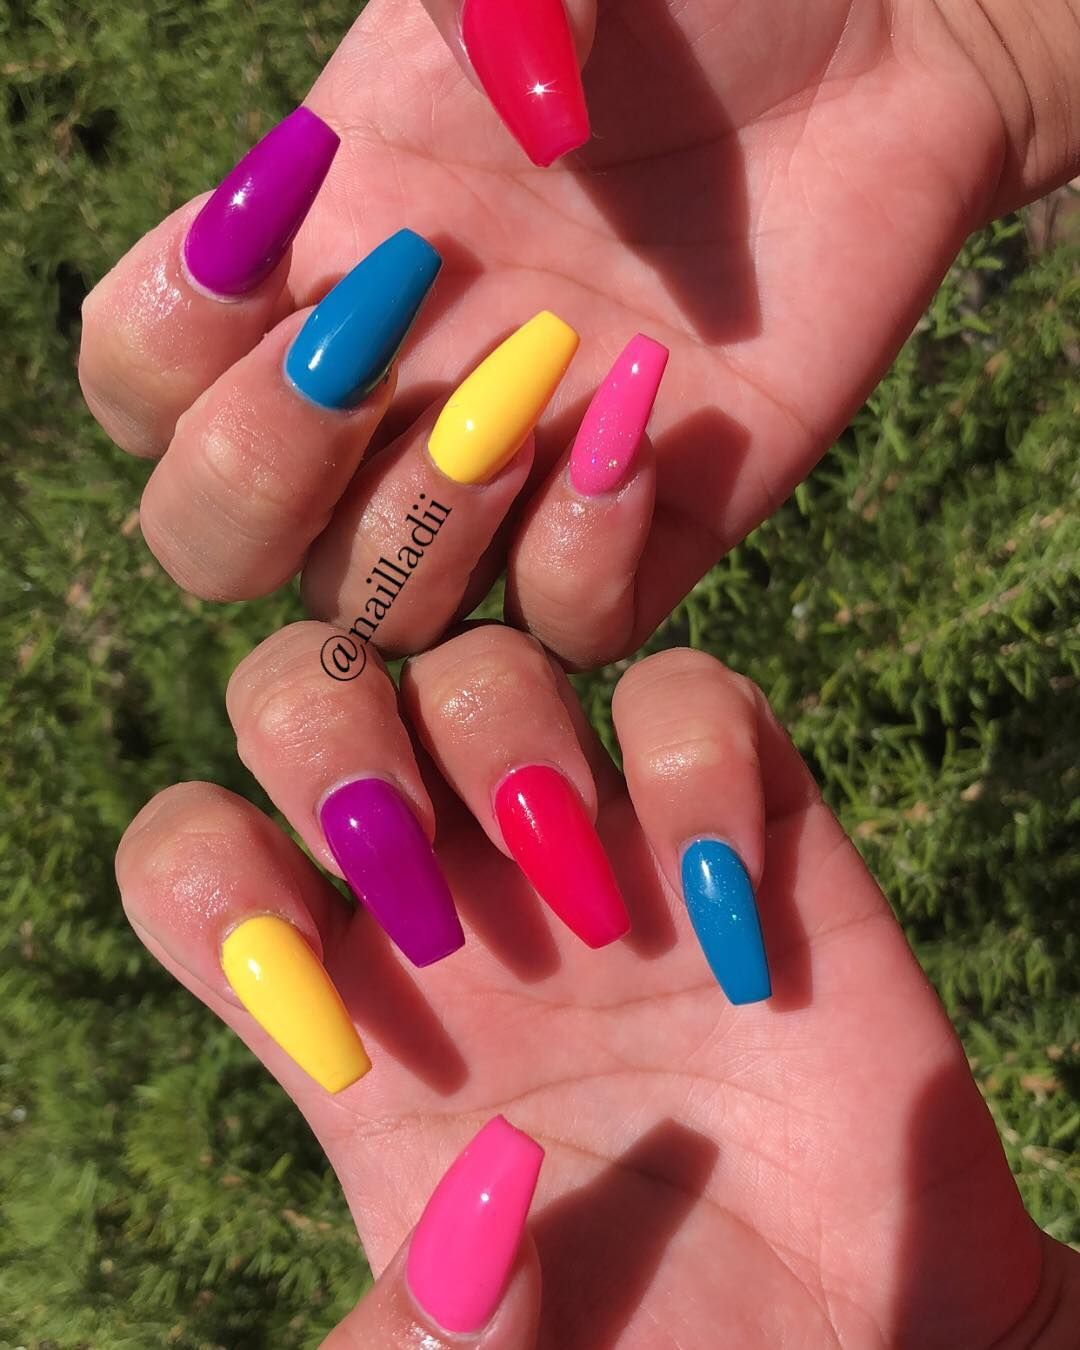 Colorful Nail Designs: #nails #nailladii #colors #gel #acrylicnails #acrylics